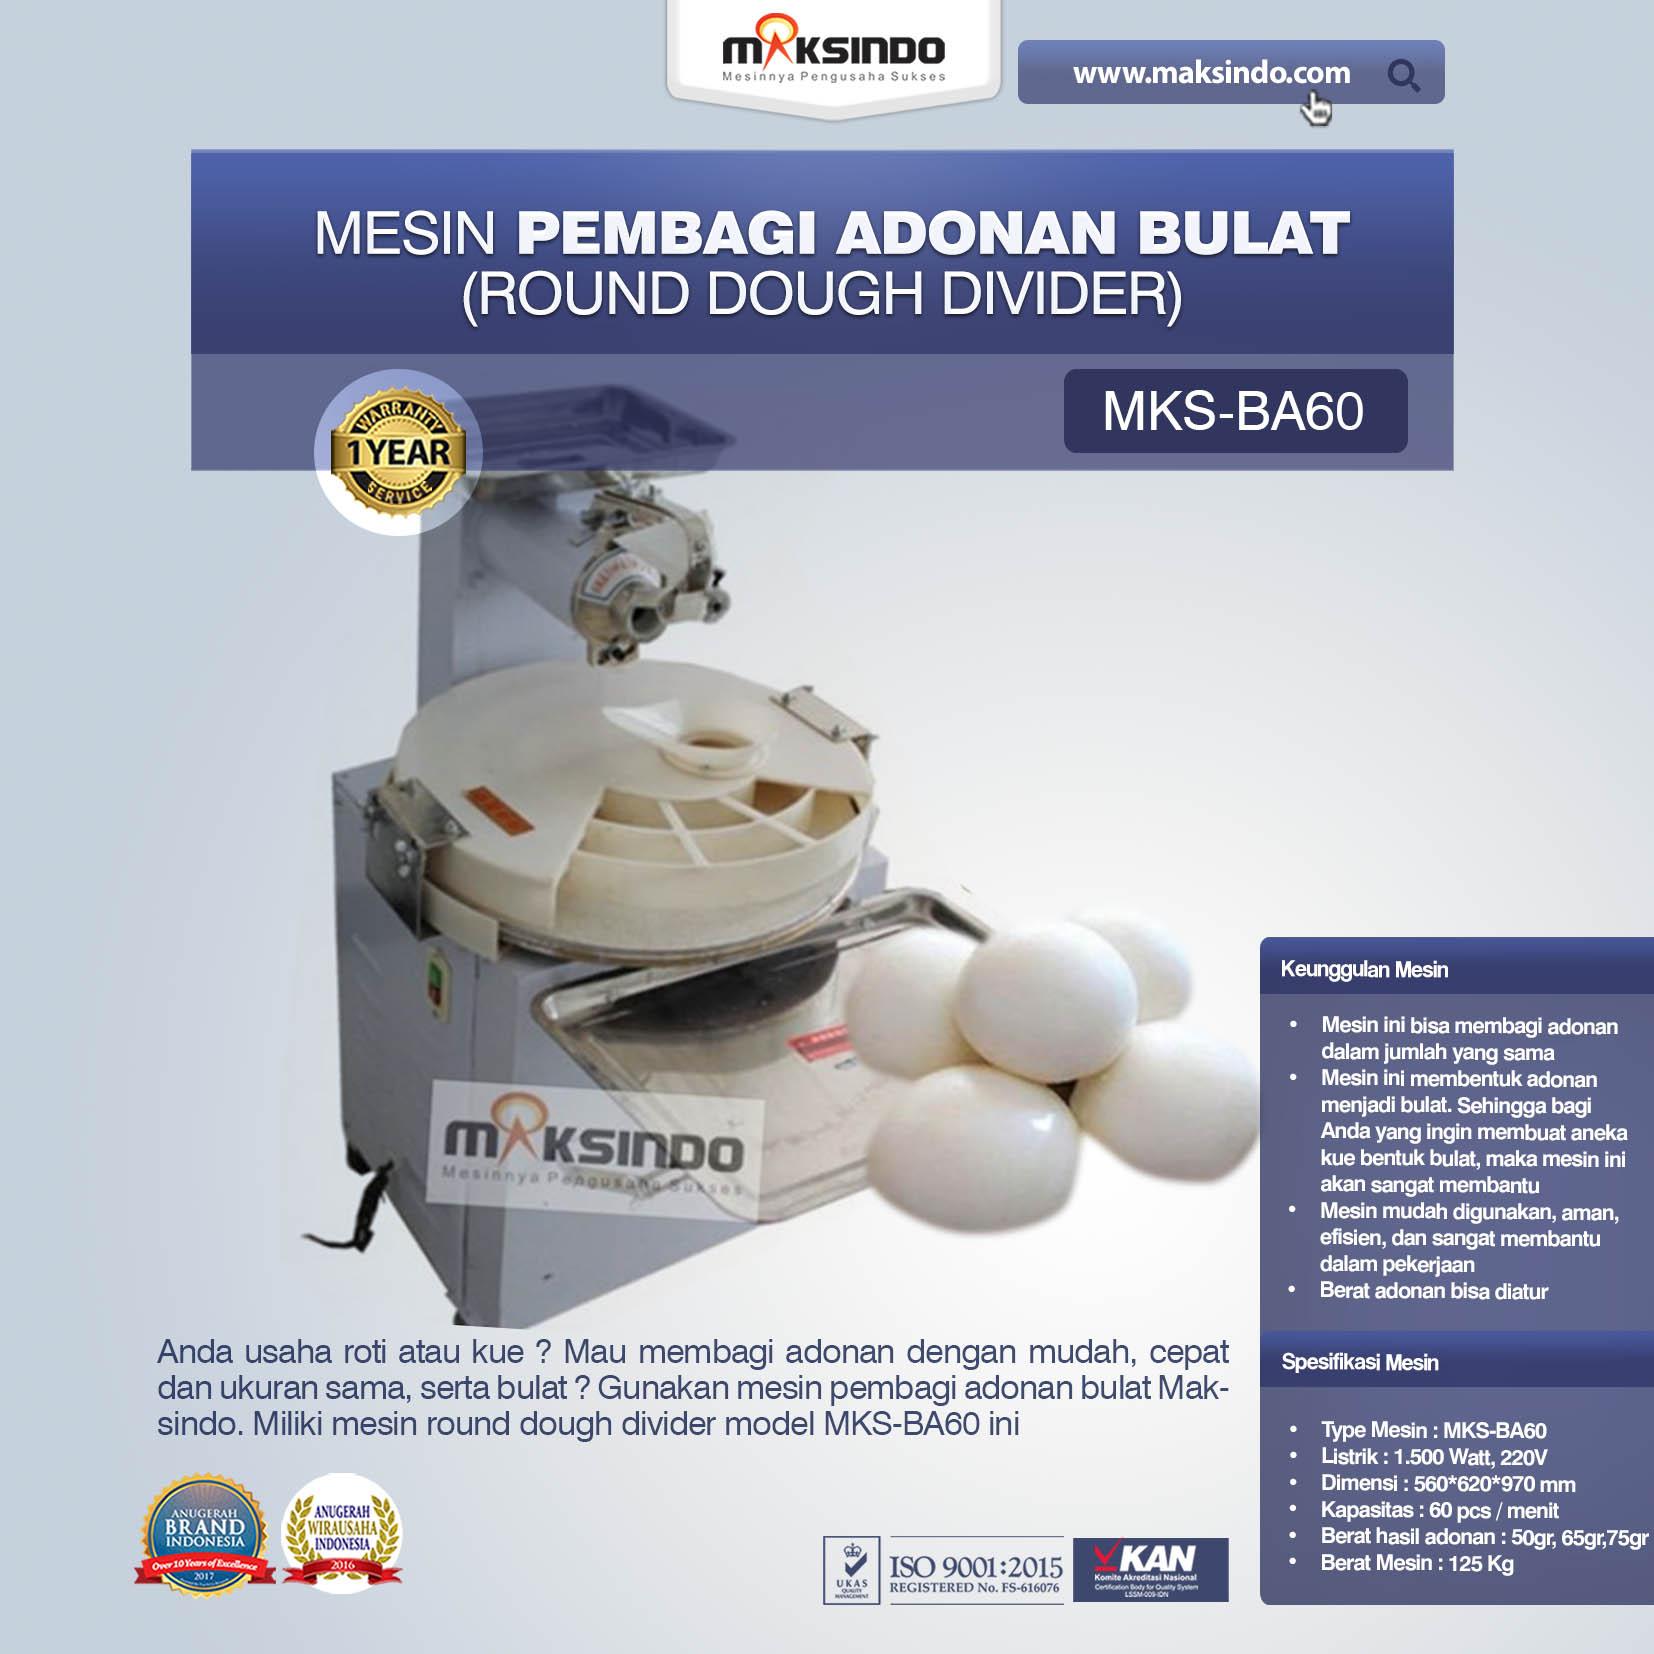 Jual Mesin Pembagi Adonan Bulat (MKS-BA60) di Medan